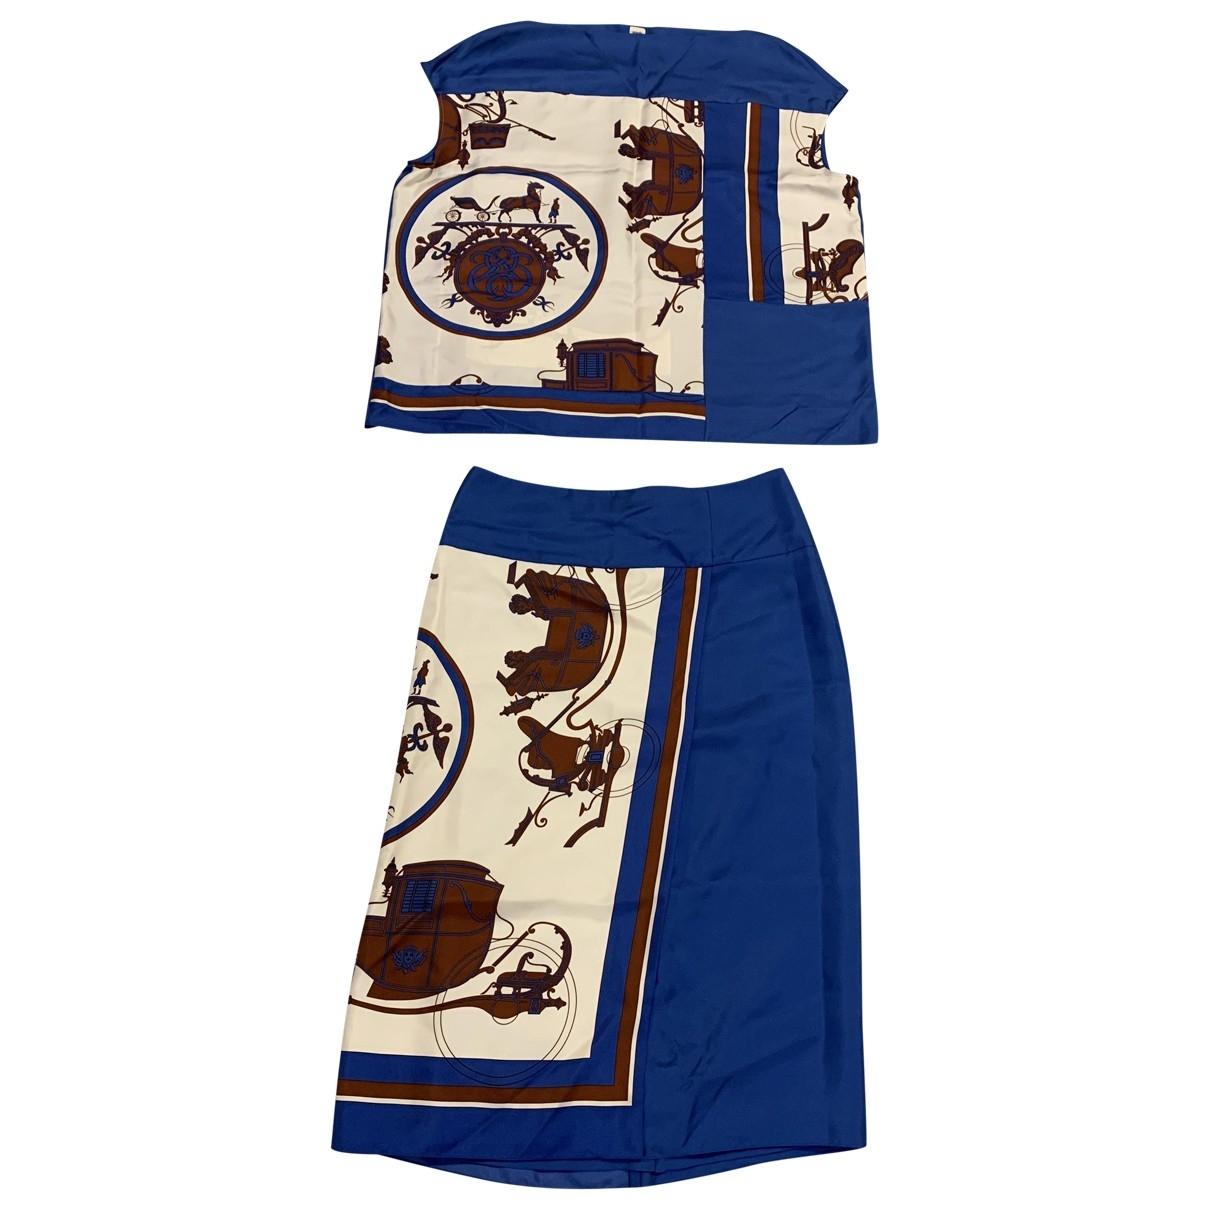 Hermes \N Kleid in  Blau Seide